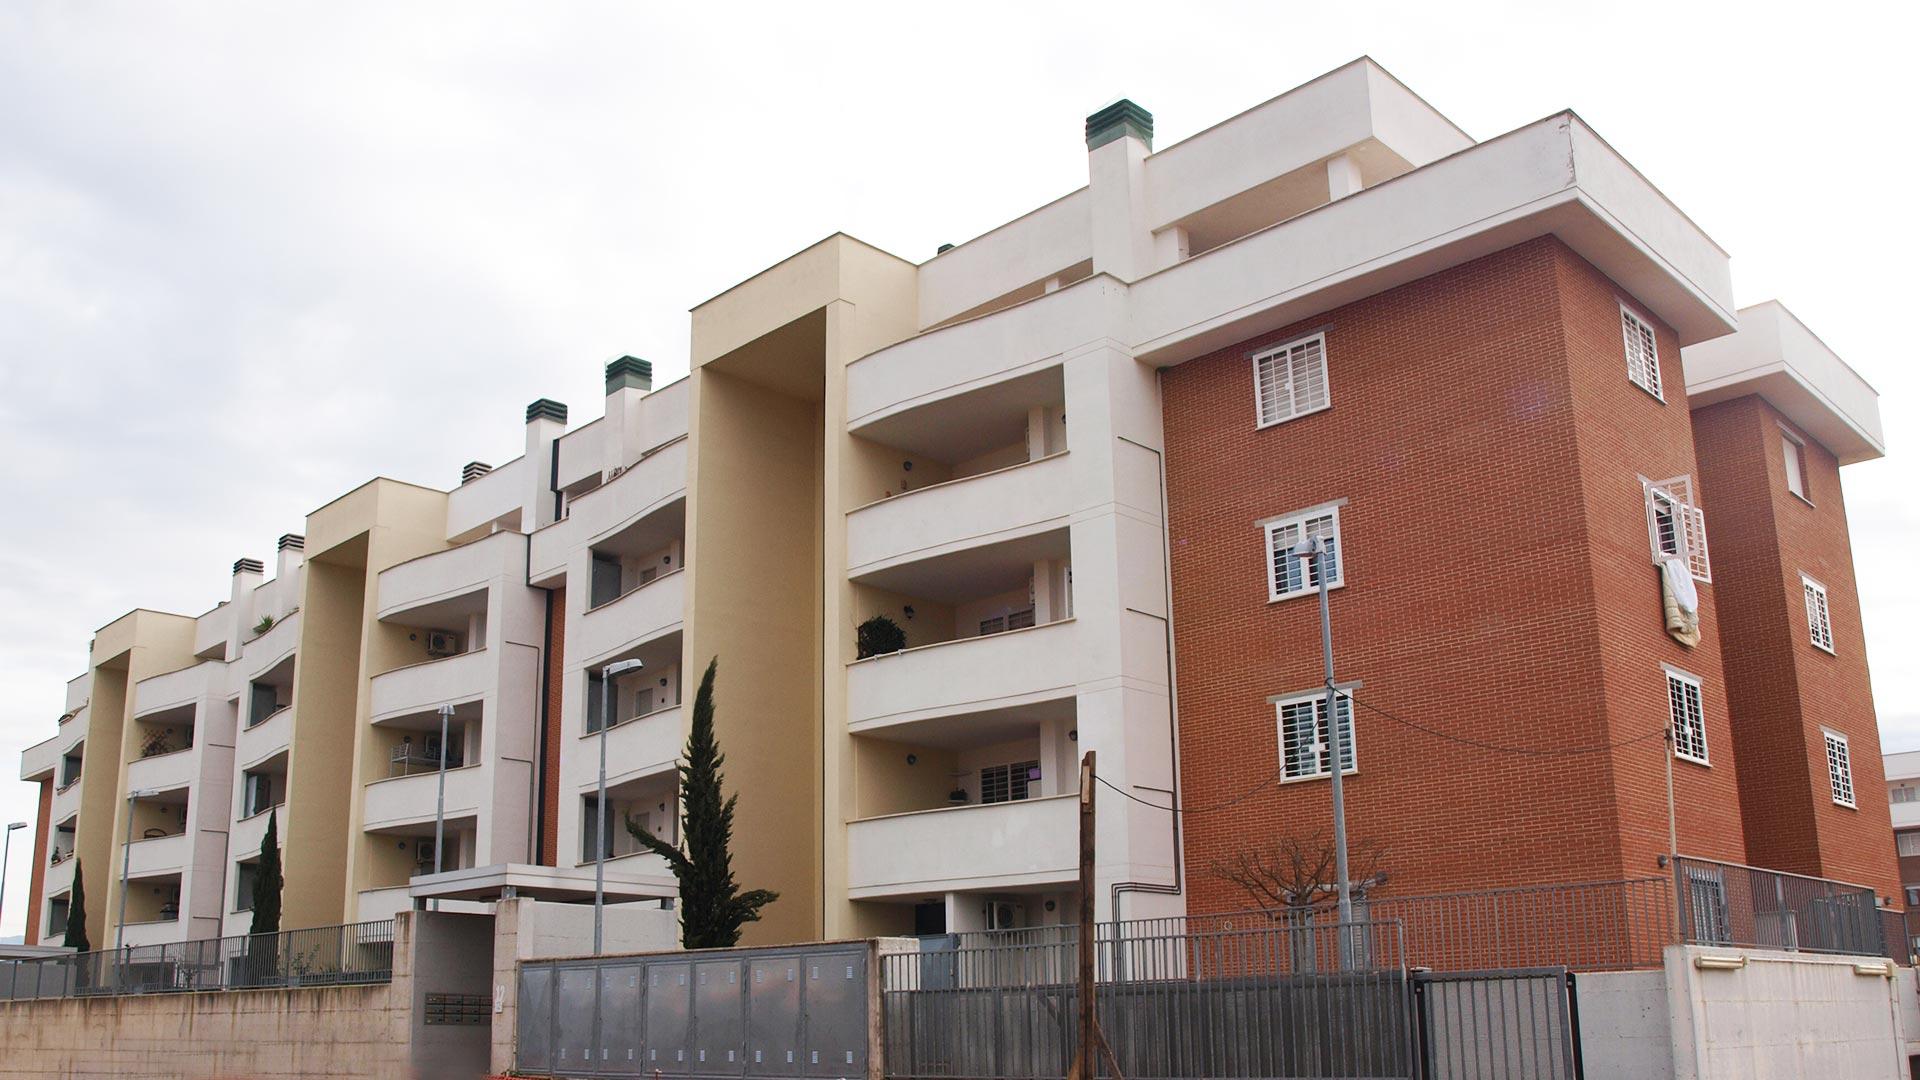 Appartamenti ponte di nona prenestina nuove costruzioni for Finanziamento della costruzione di nuove case